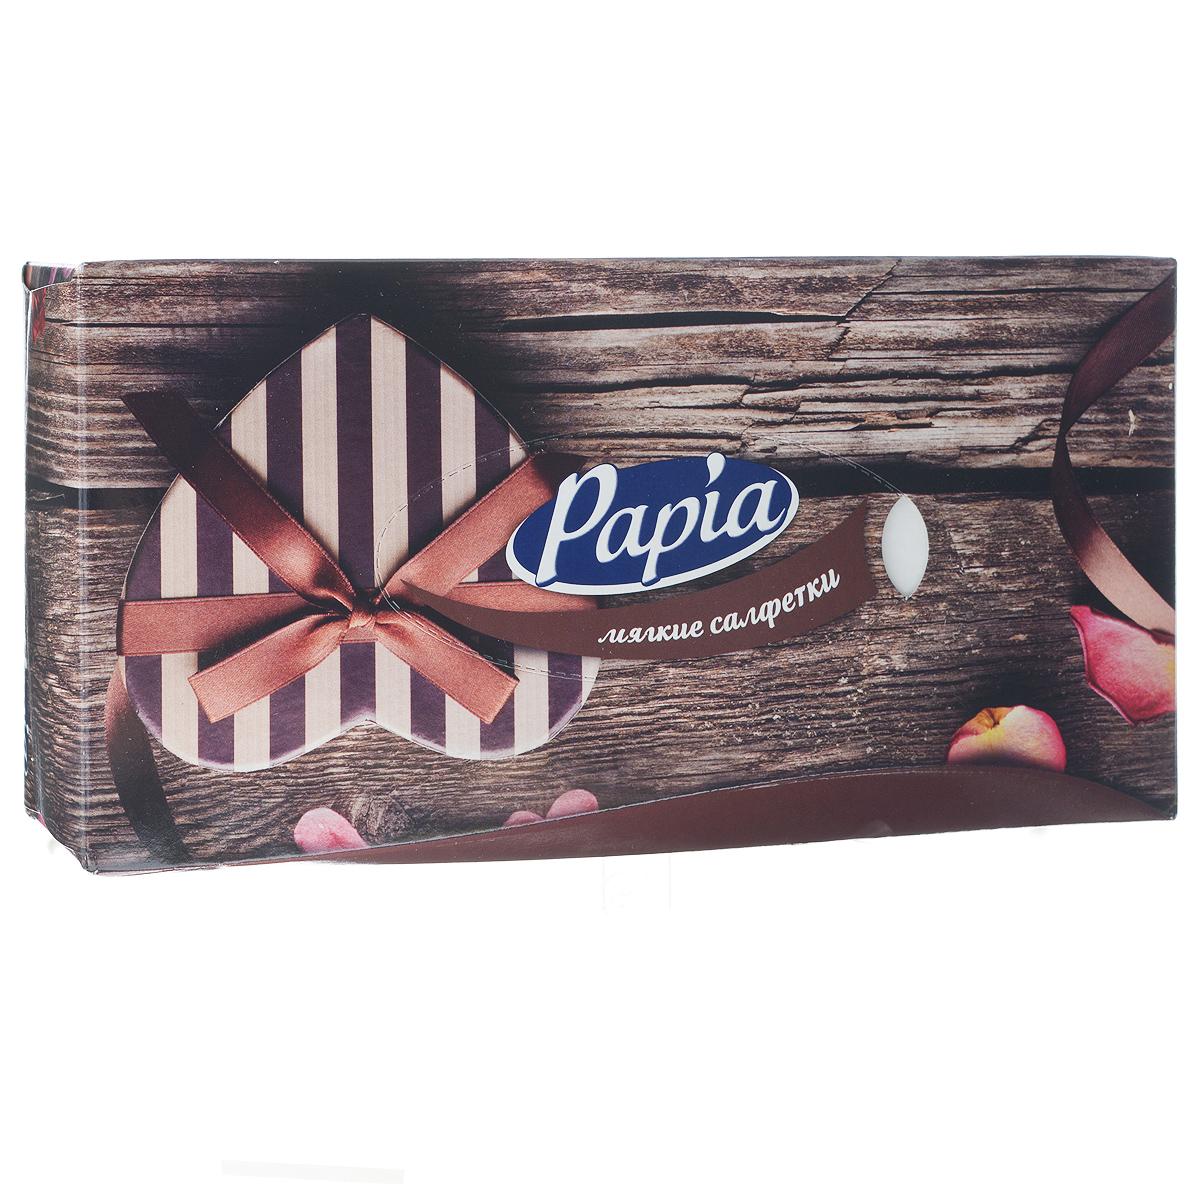 Салфетки бумажные Papia. Love, трехслойные, 21 x 21 см, 80 шт787502Трехслойные салфетки Papia. Love выполнены из 100% целлюлозы. Салфетки подходят для косметического, санитарно-гигиенического и хозяйственного назначения. Нежные и мягкие, они удивят вас не только своим высоким качеством, но и внешним видом. Изделия упакованы в коробку, поэтому их удобно использовать дома или взять с собой в офис или машину. Размер салфеток: 21 см х 21 см.